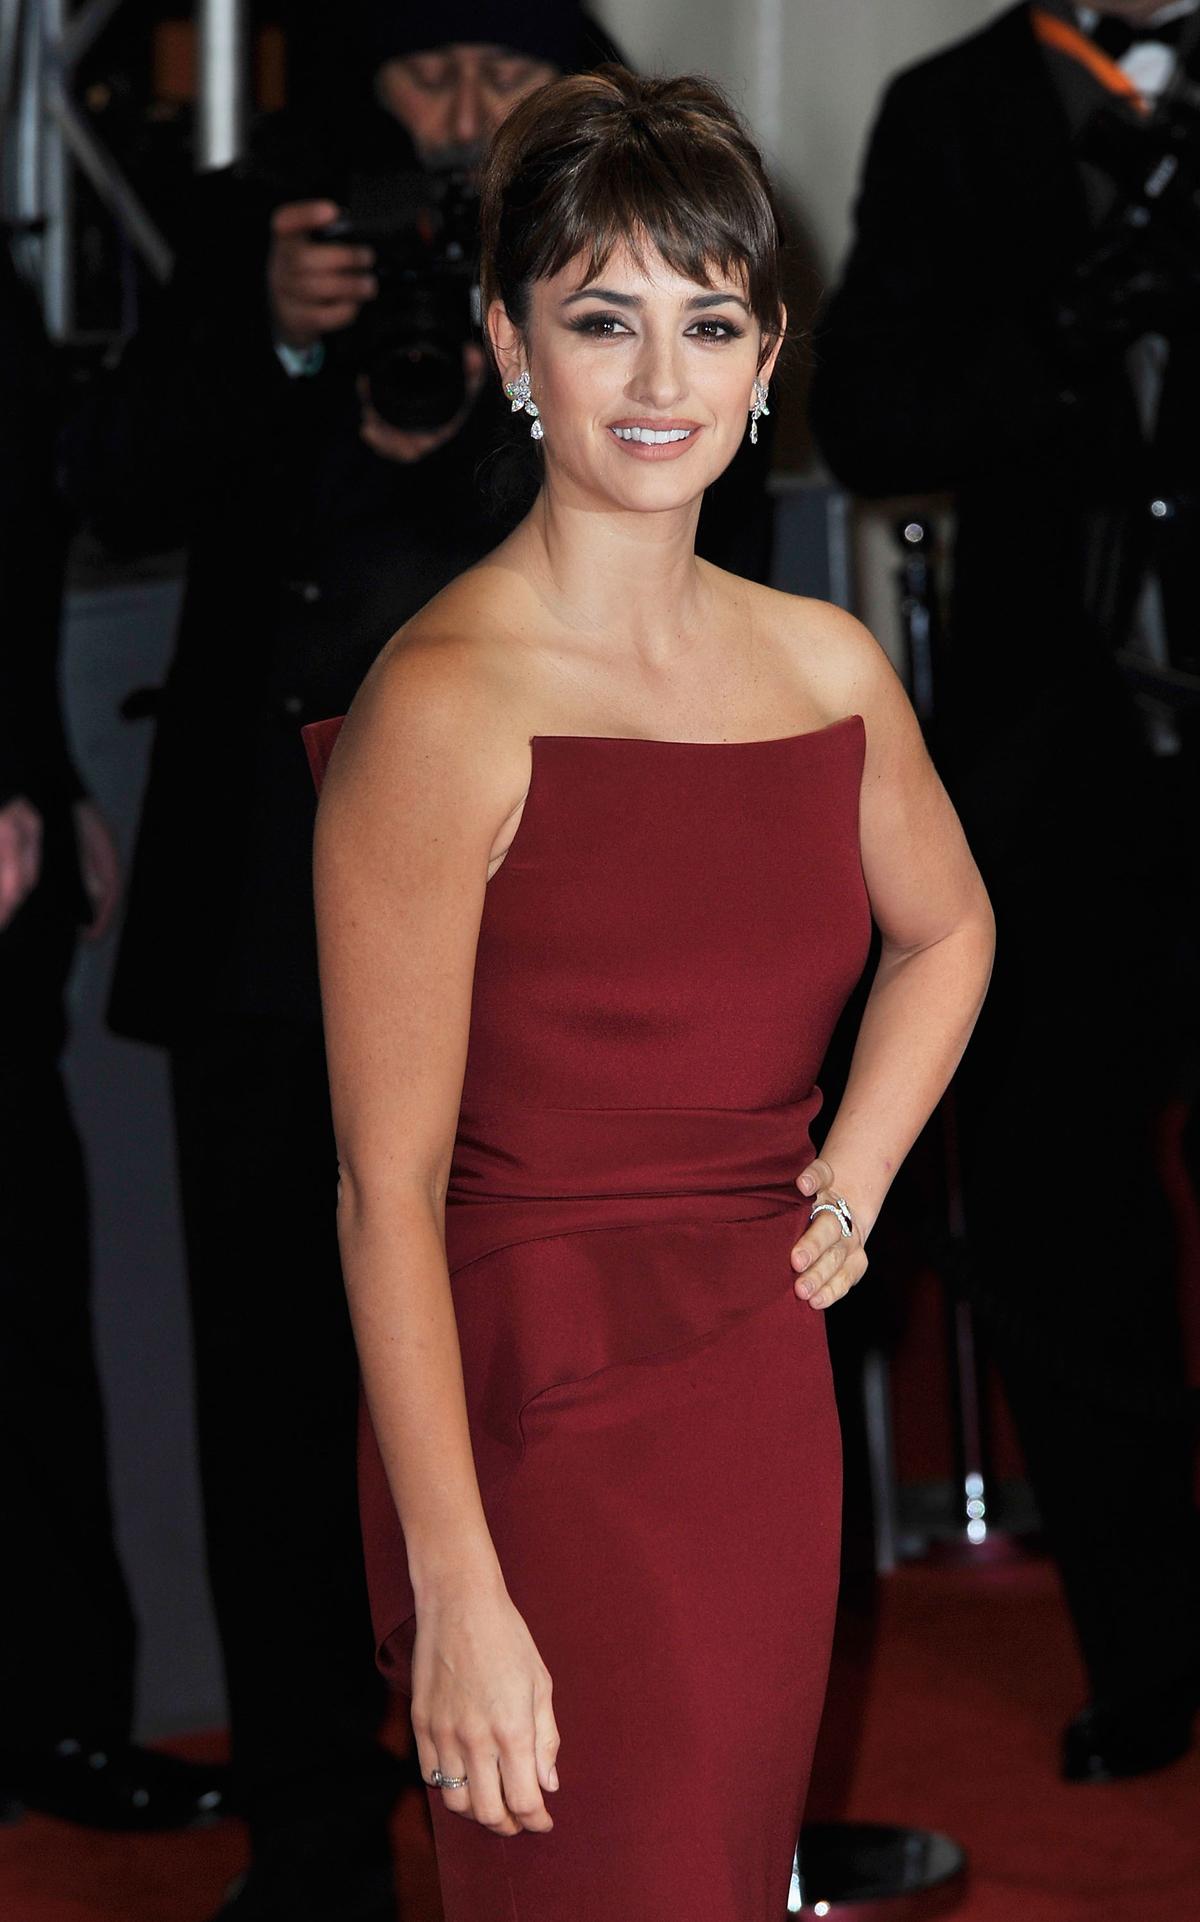 Penelope Cruz at BAFTA Awards 2012 in London Photo 1200x1922